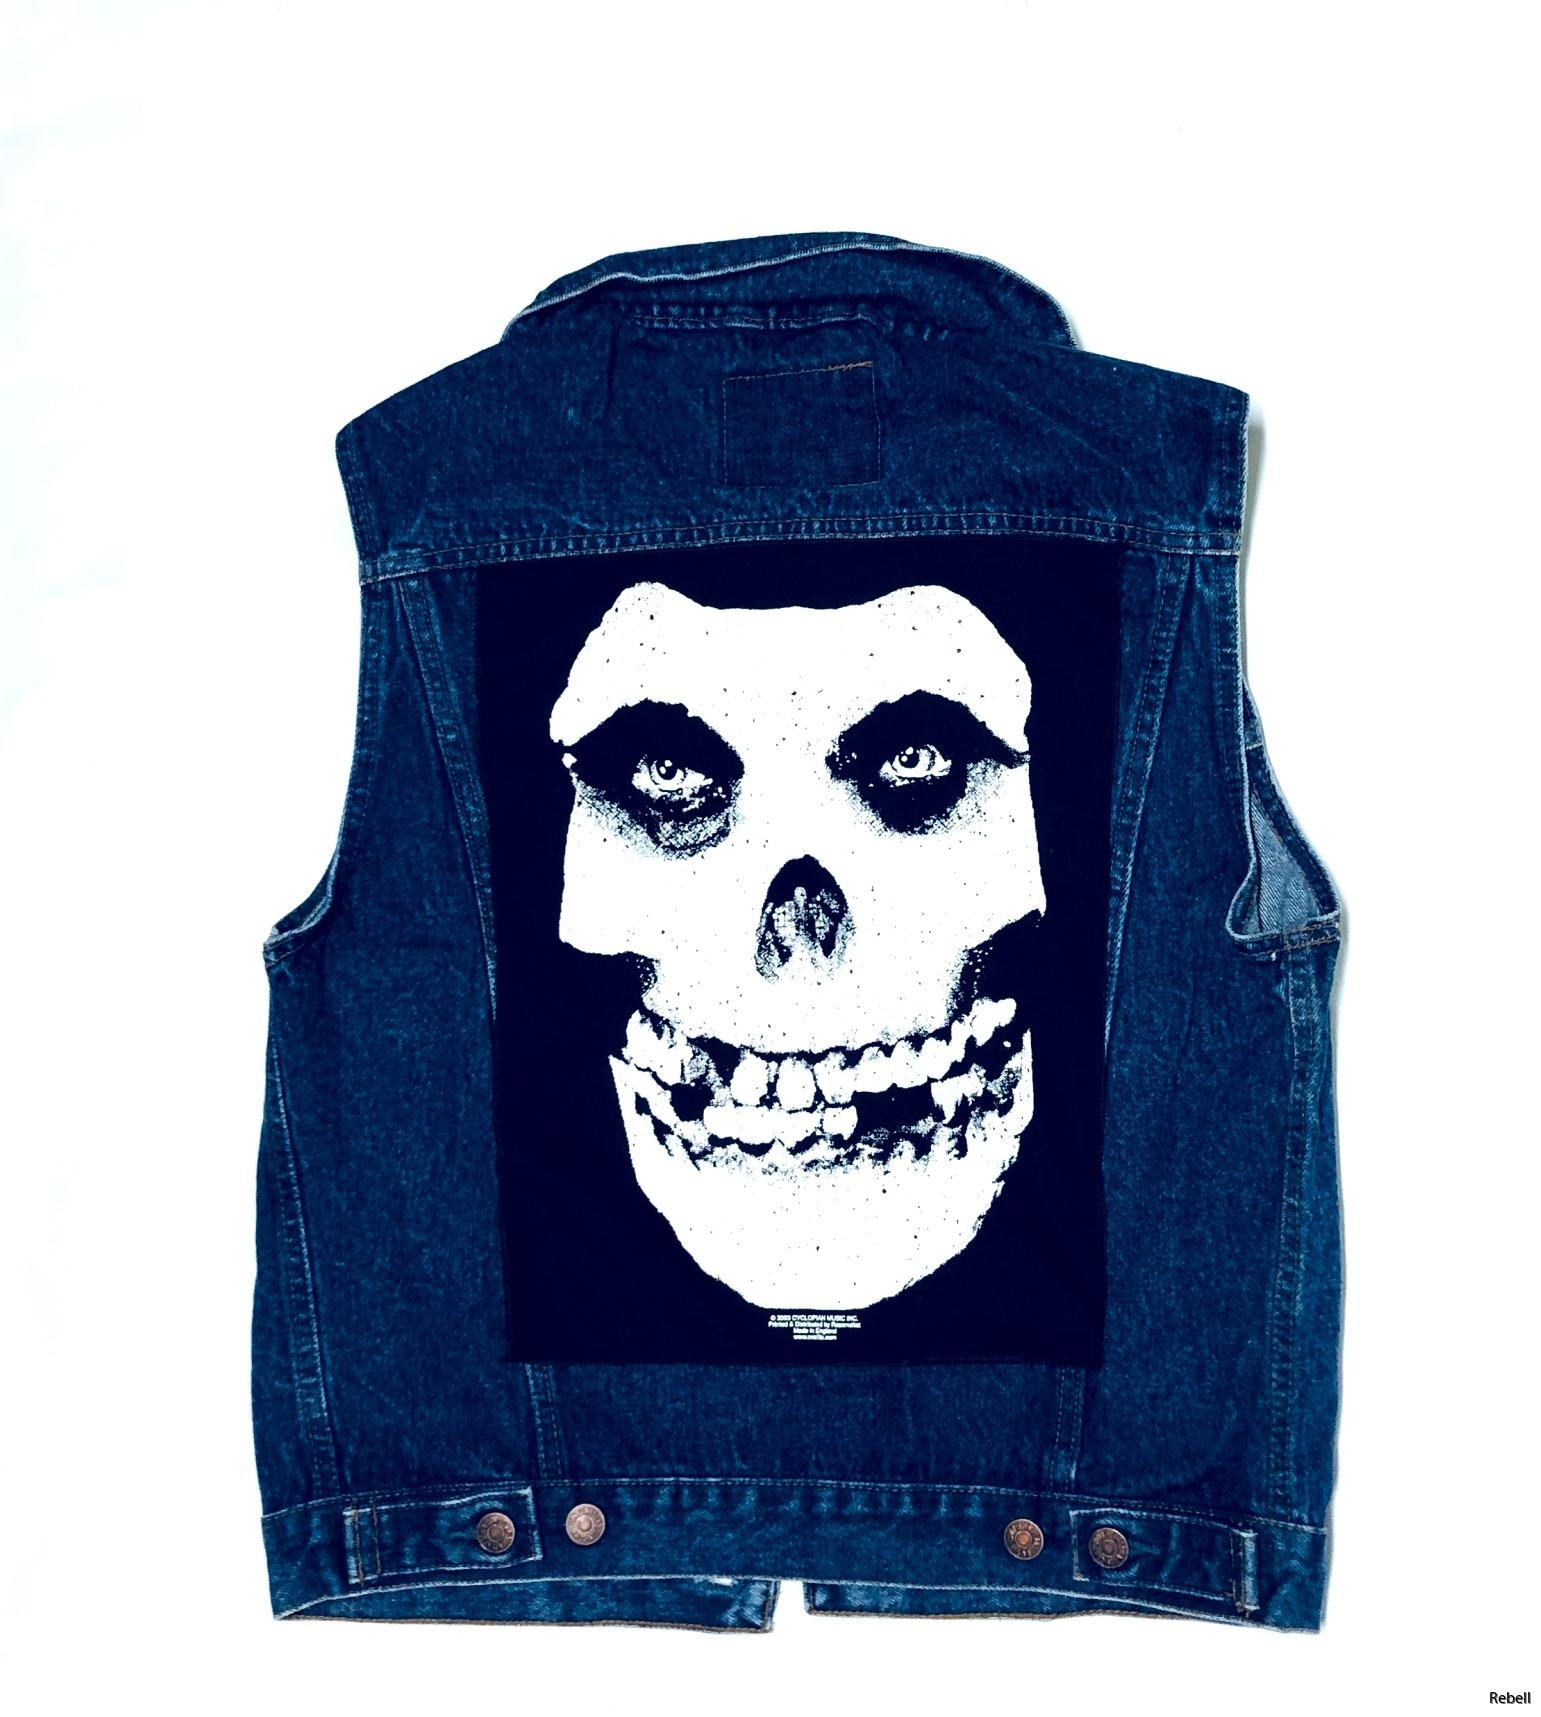 misfits jeansväst rocknroll rebell punk